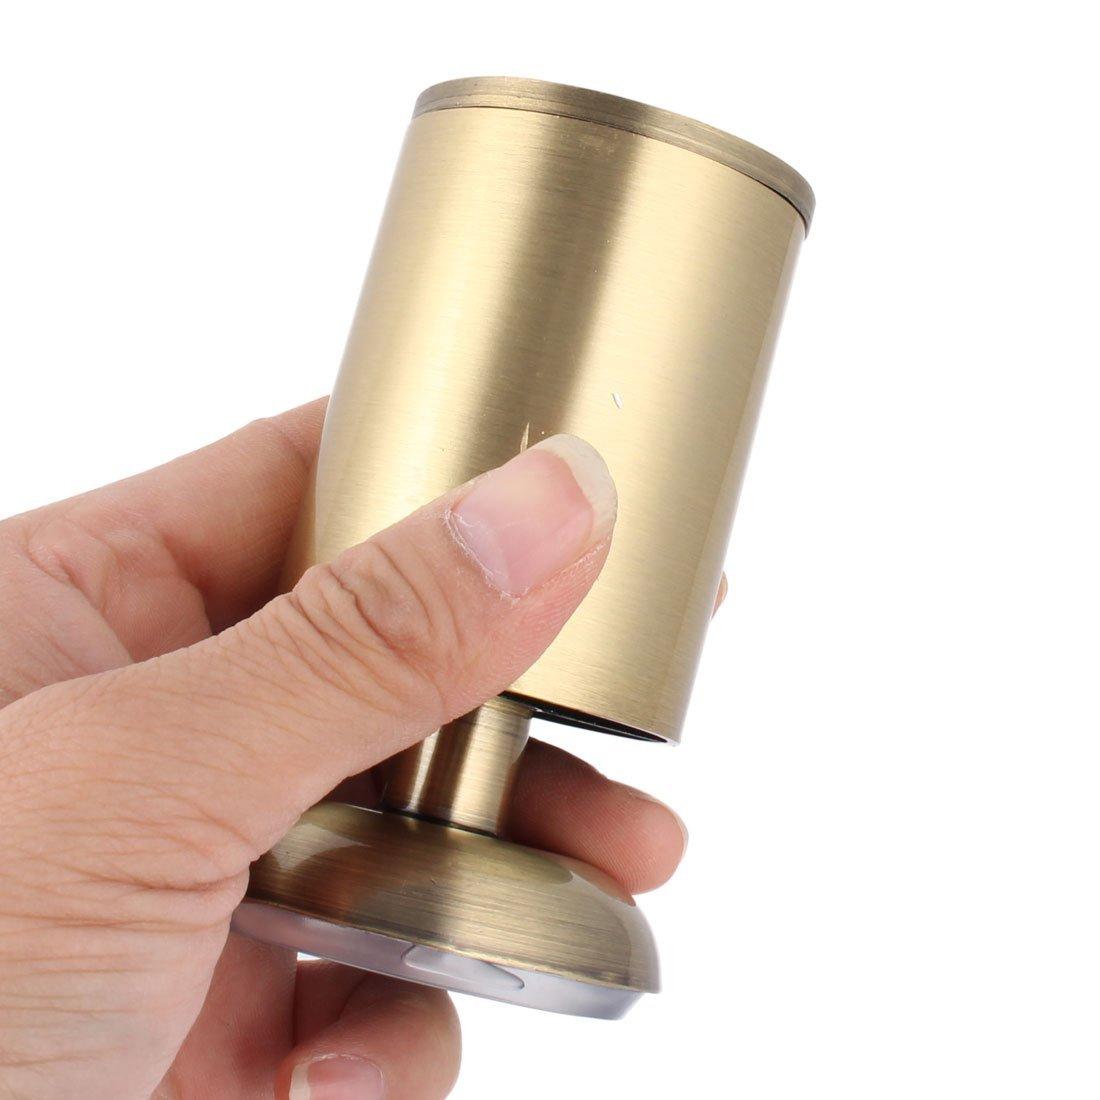 Forma eDealMax metallo mobili a corpo Armadio rotonda regolabile piede piedino 100 millimetri di tono del bronzo